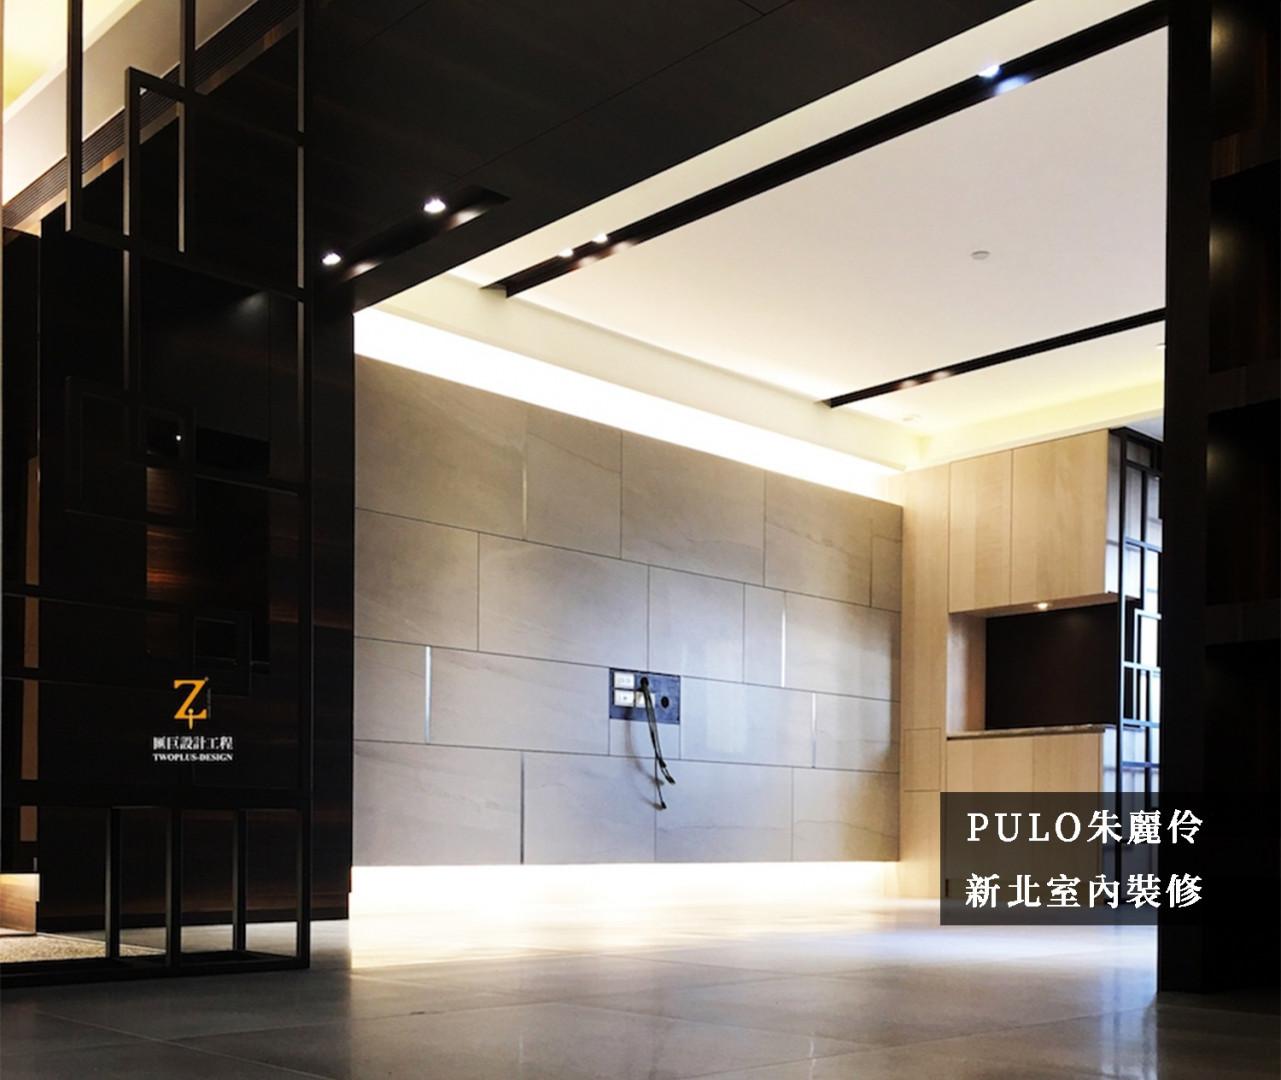 電視主牆使用大理石磁磚,採交錯拼貼的方式增加豐富度,同時也在牆面後裝設間接照明,增添更多氛圍重點。另一側不使用全面的板材打造隔間,而是採用線條柱體,不僅能營造輕隔間的效果,同時也能增加美感。-PULO裝潢平台